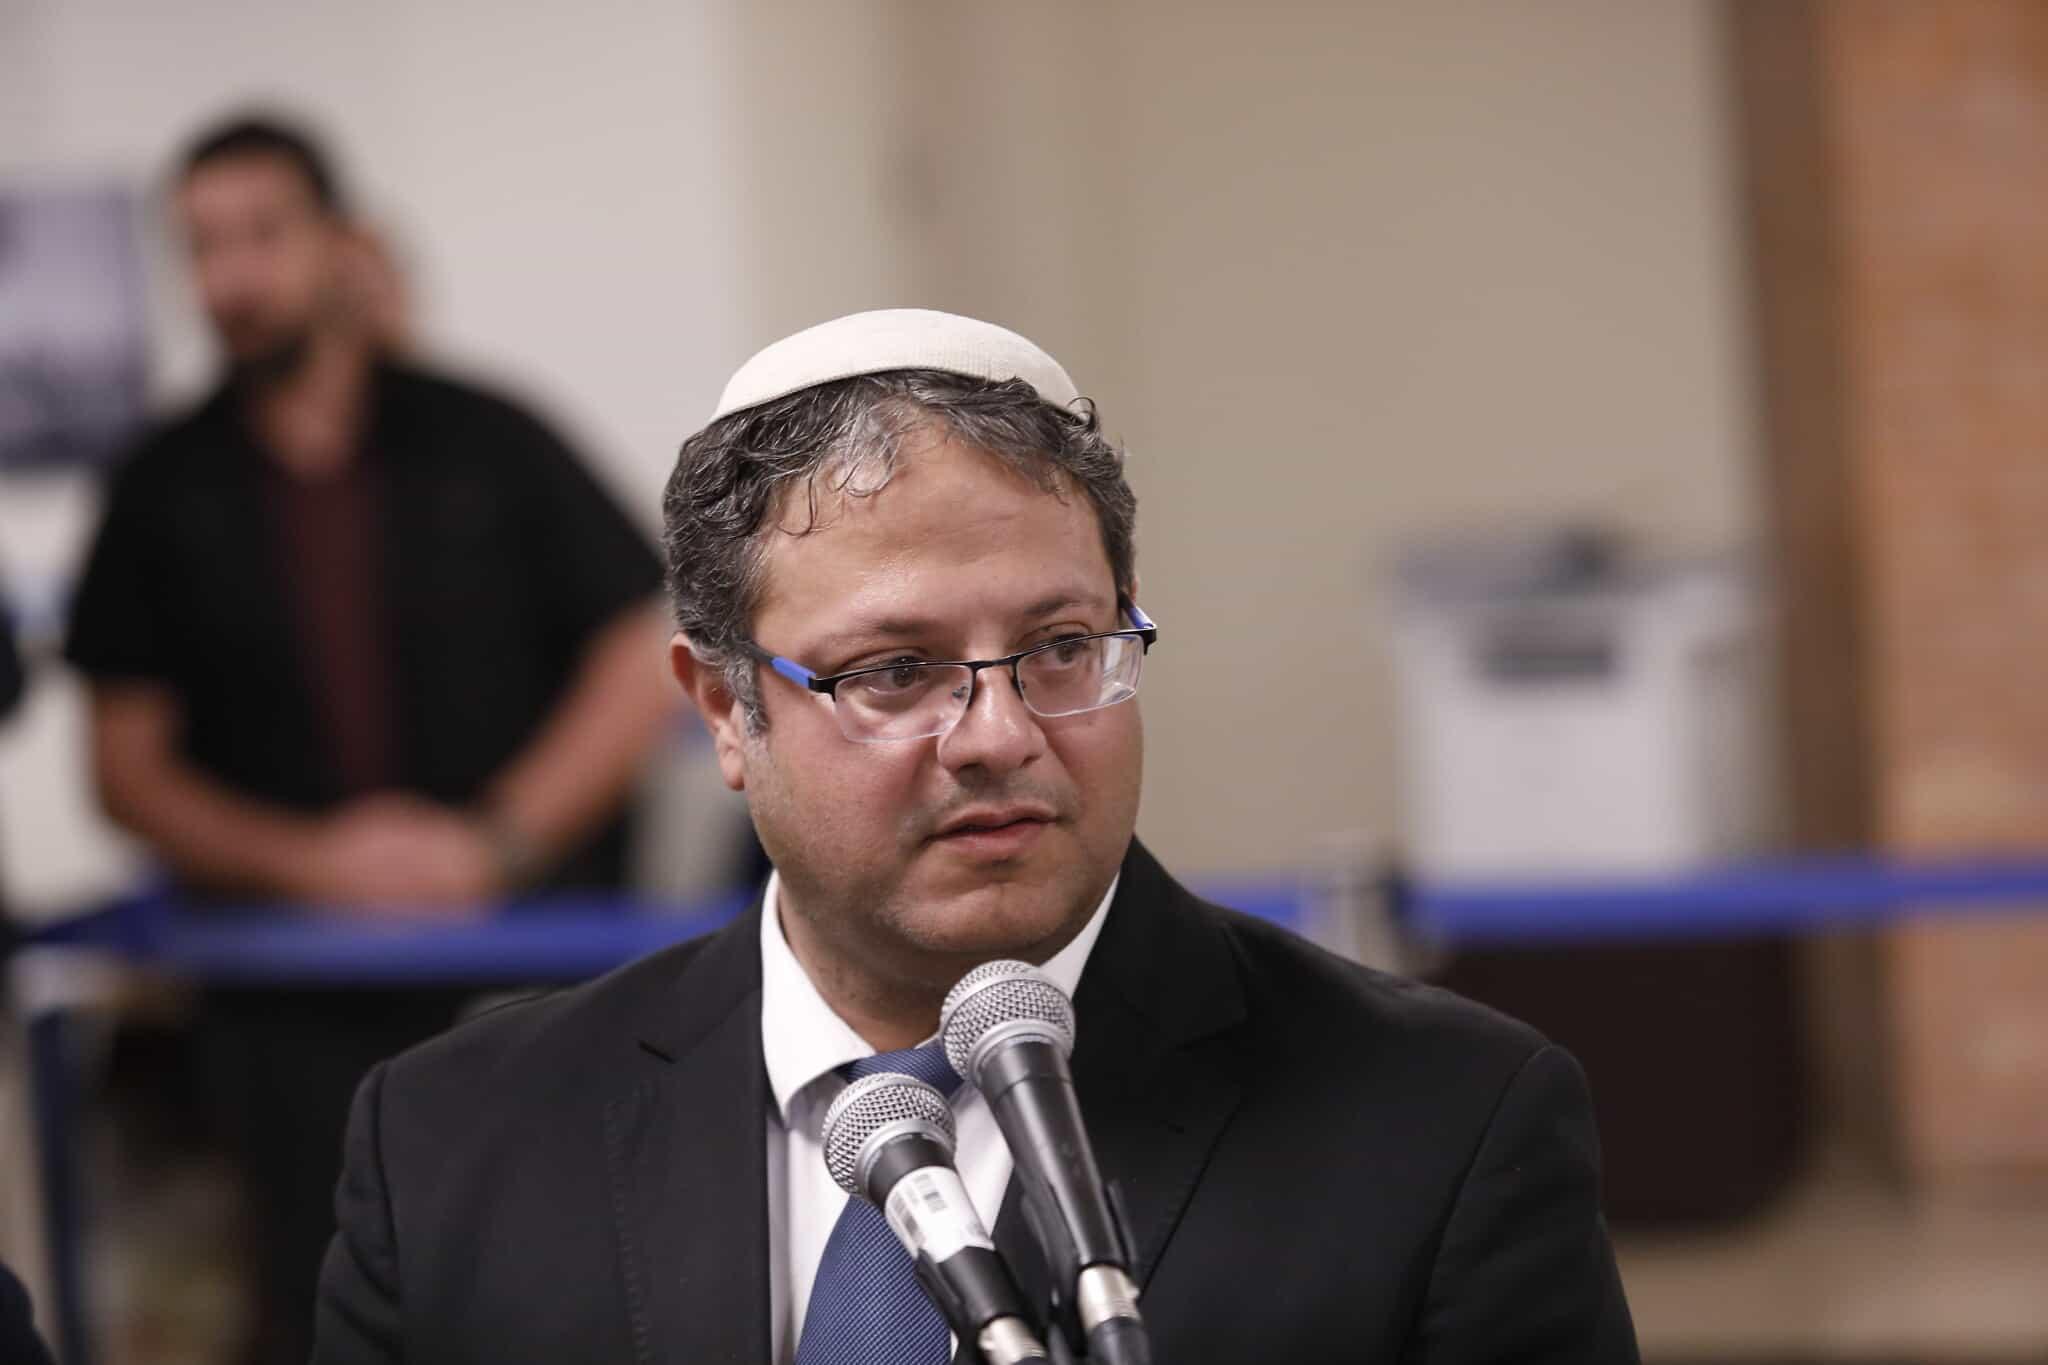 איתמר בן-גביר מגיש את רשימת עוצמה יהודית לכנסת ה-23 (צילום: Olivier Fitoussi/Flash90)